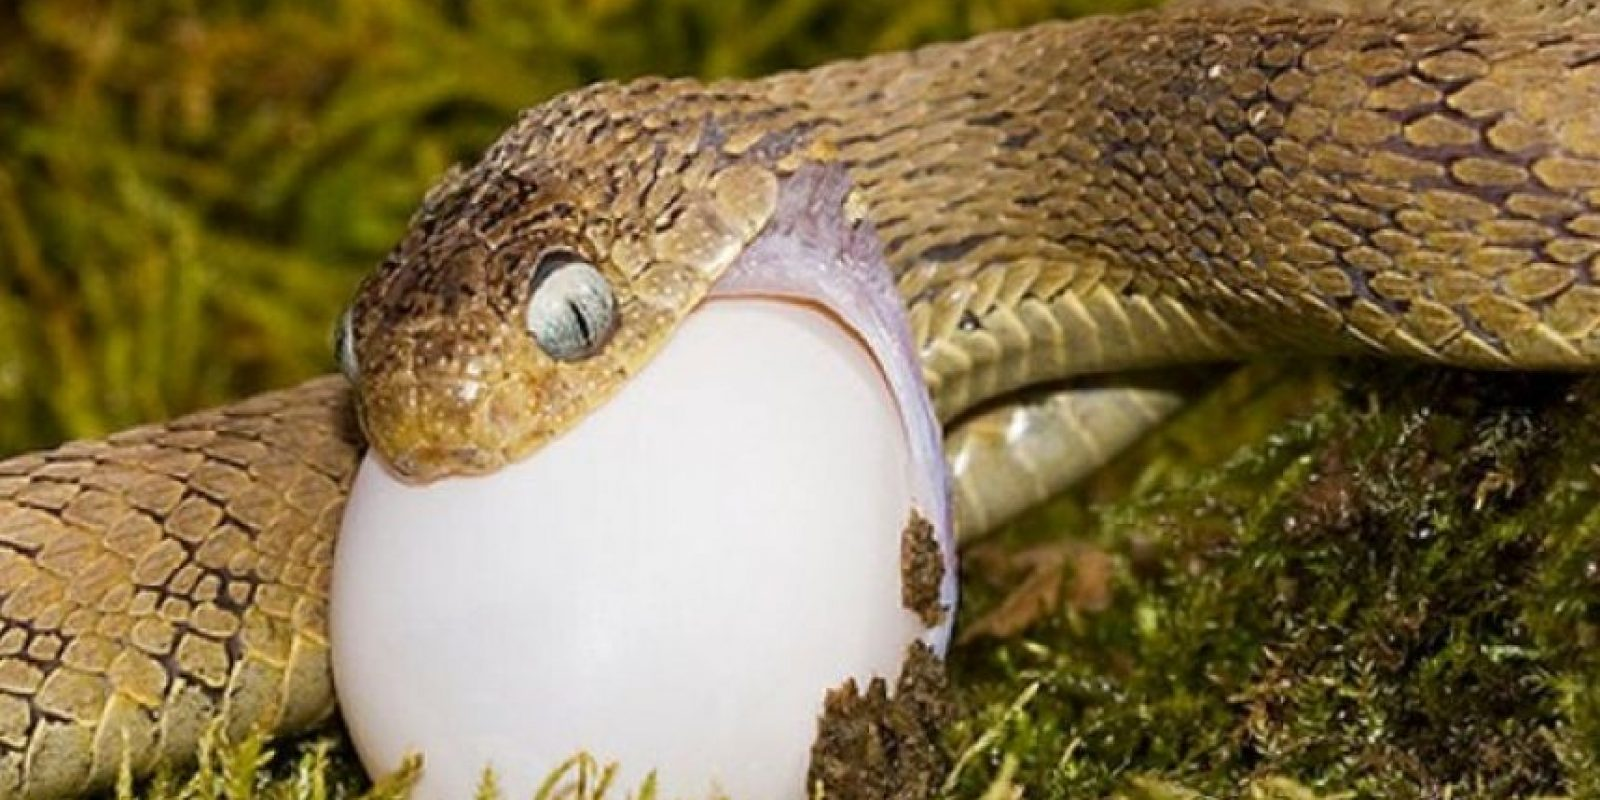 Otras serpientes, como las boas y pitones, matan a sus presas por constricción. Foto:Flickr